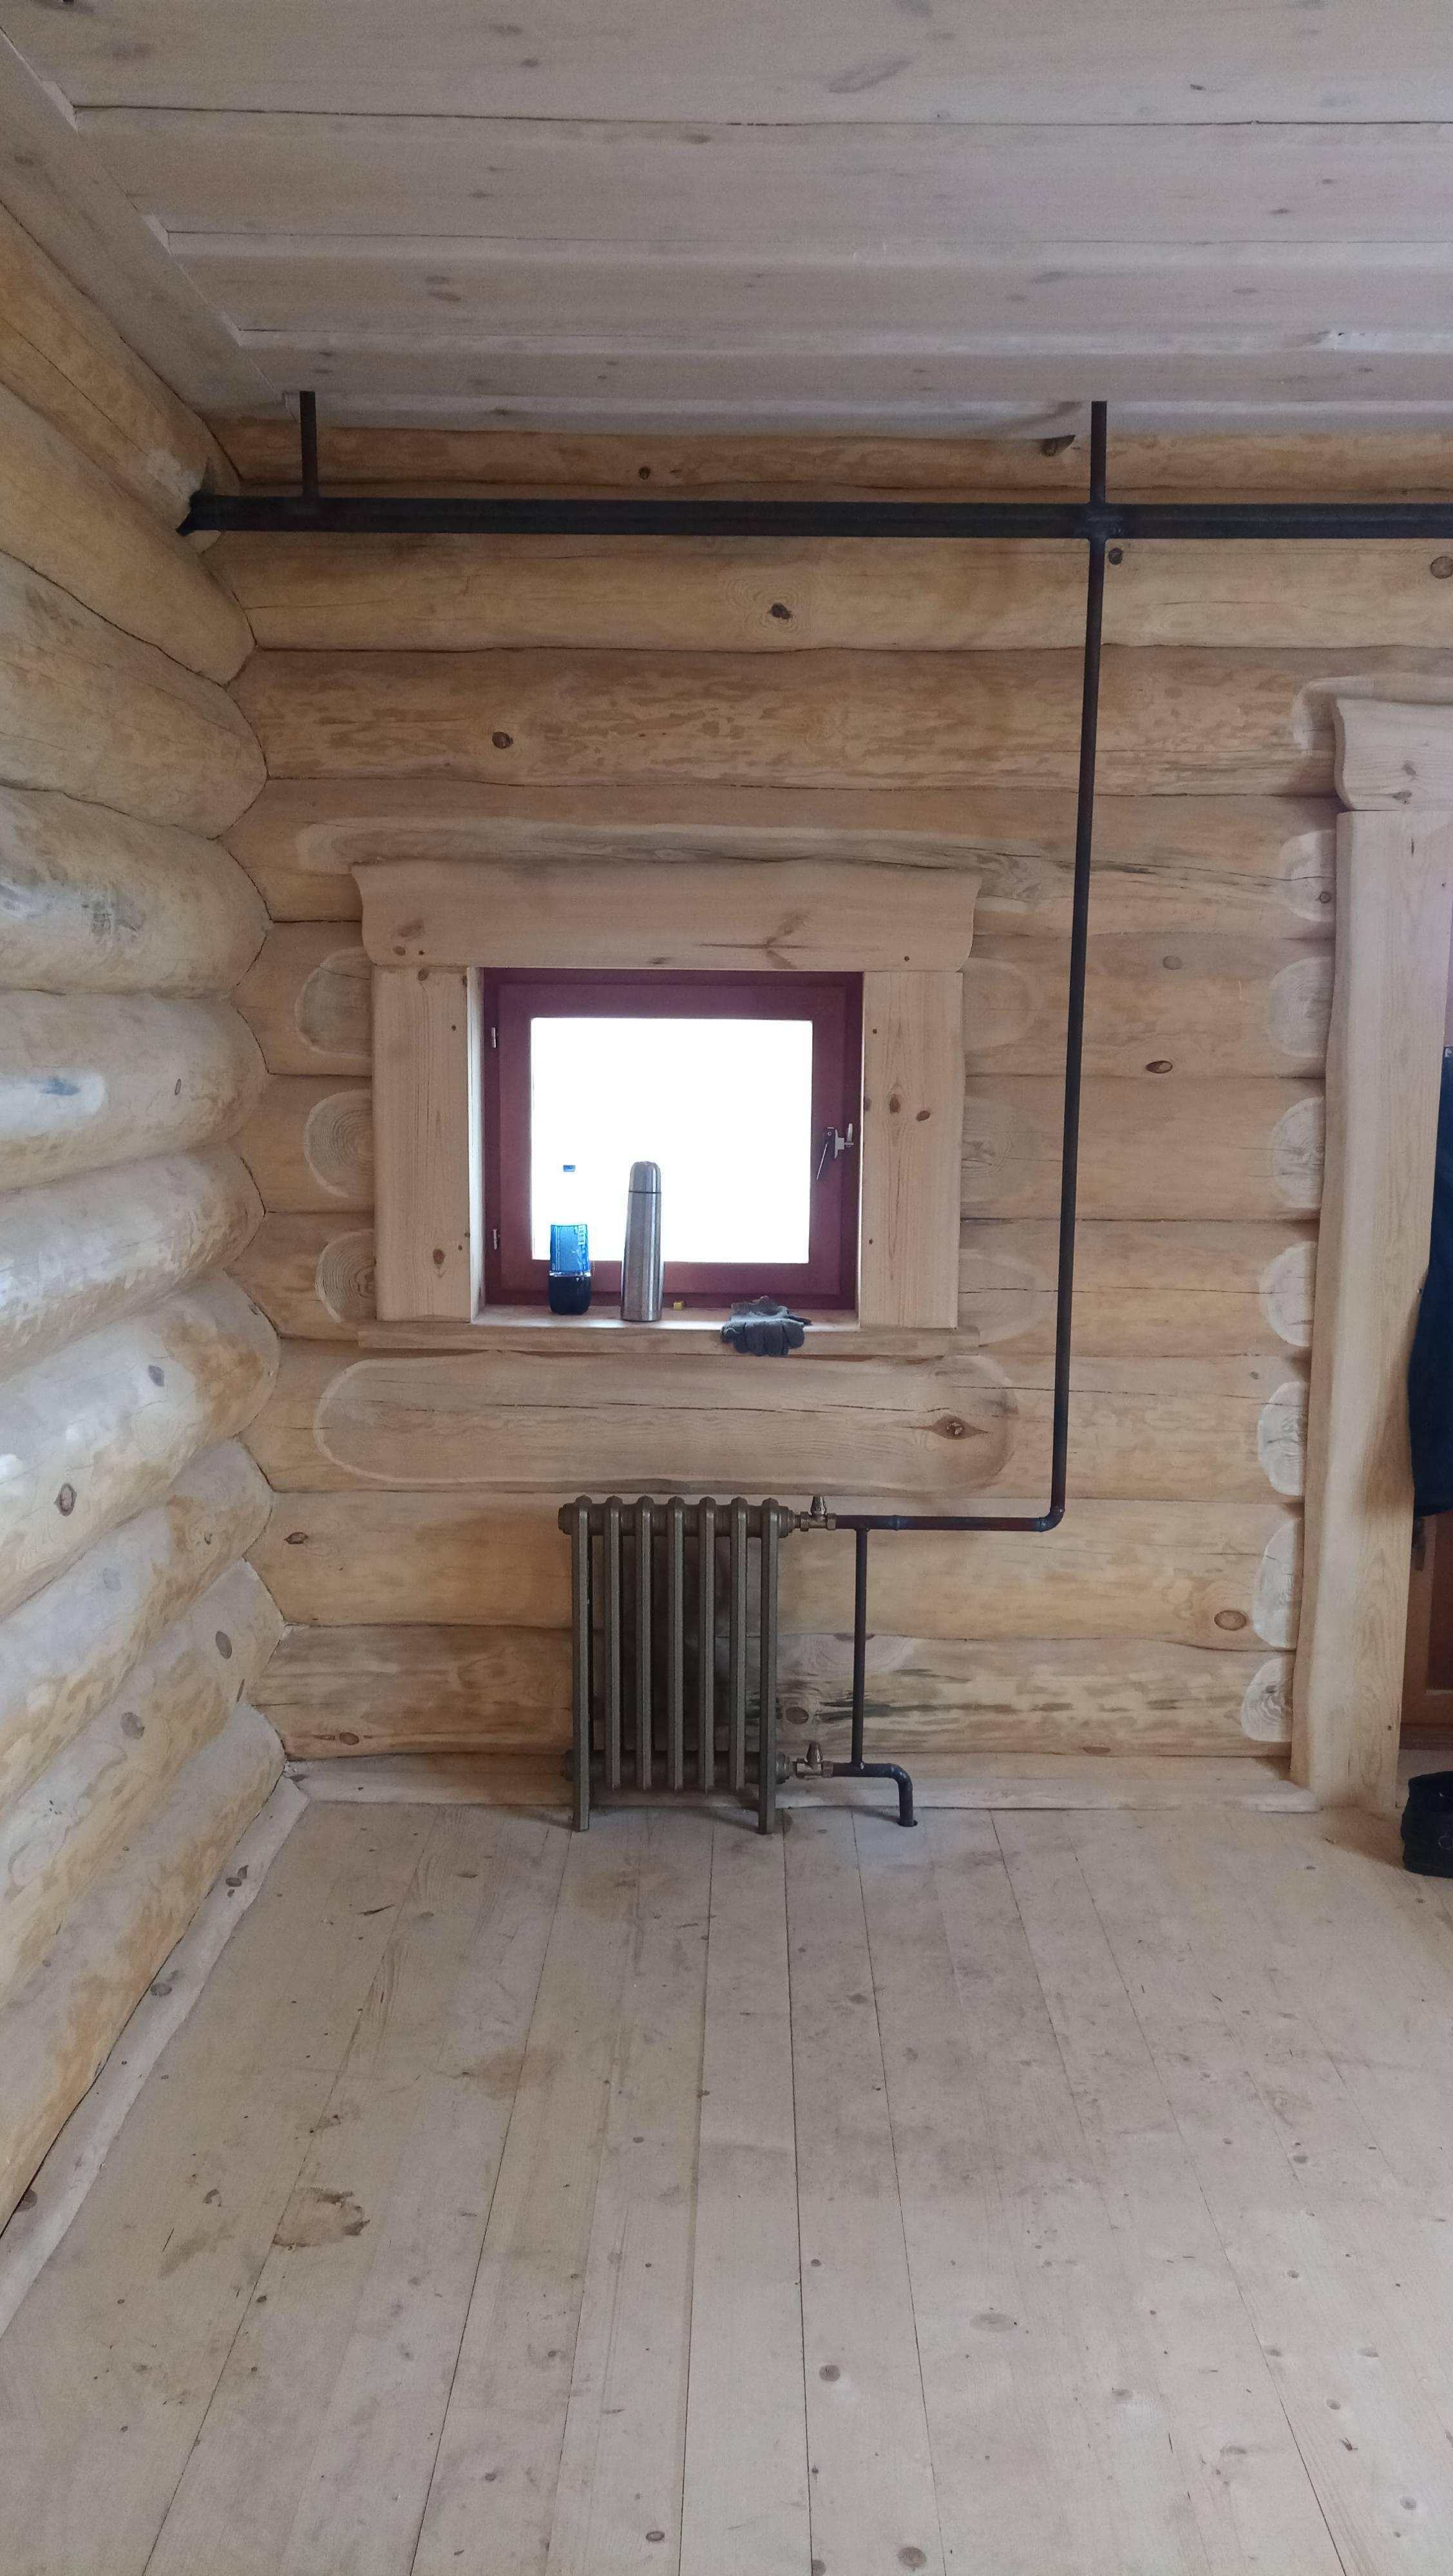 Как выбрать и эксплуатировать электрическое отопление в деревянном доме